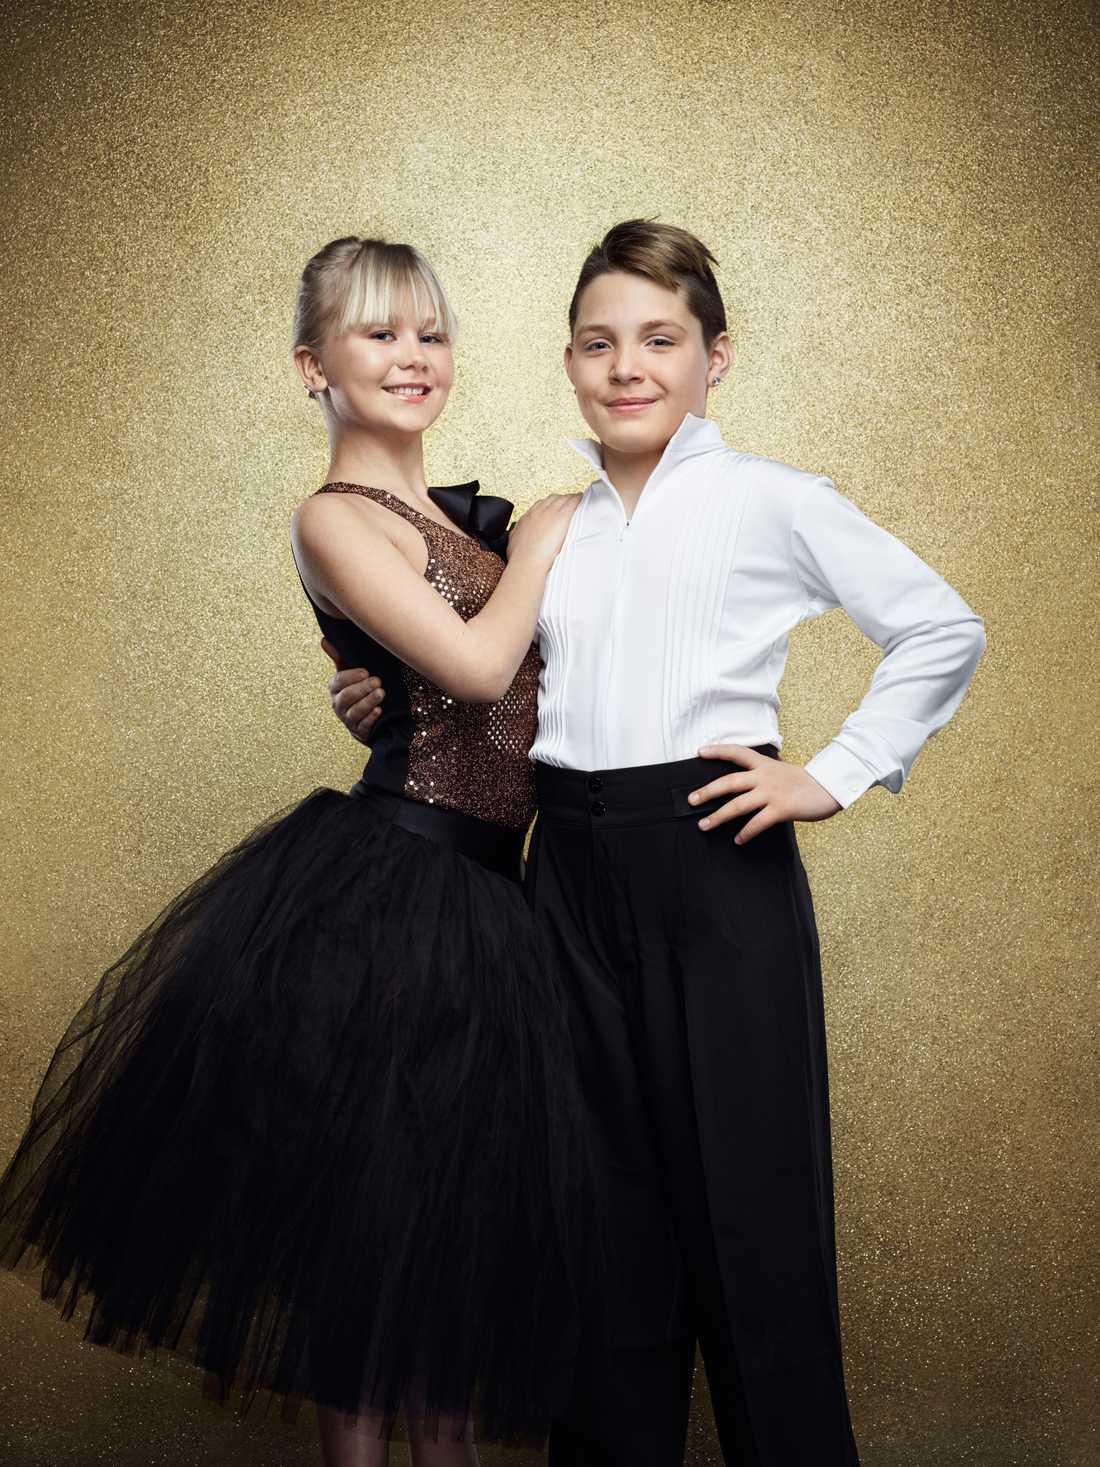 Julius Jimenez Hugoson, 10 år. Spelar Håkan Bråkan i Sune-filmerna och dansar med Johanna Lindholm.